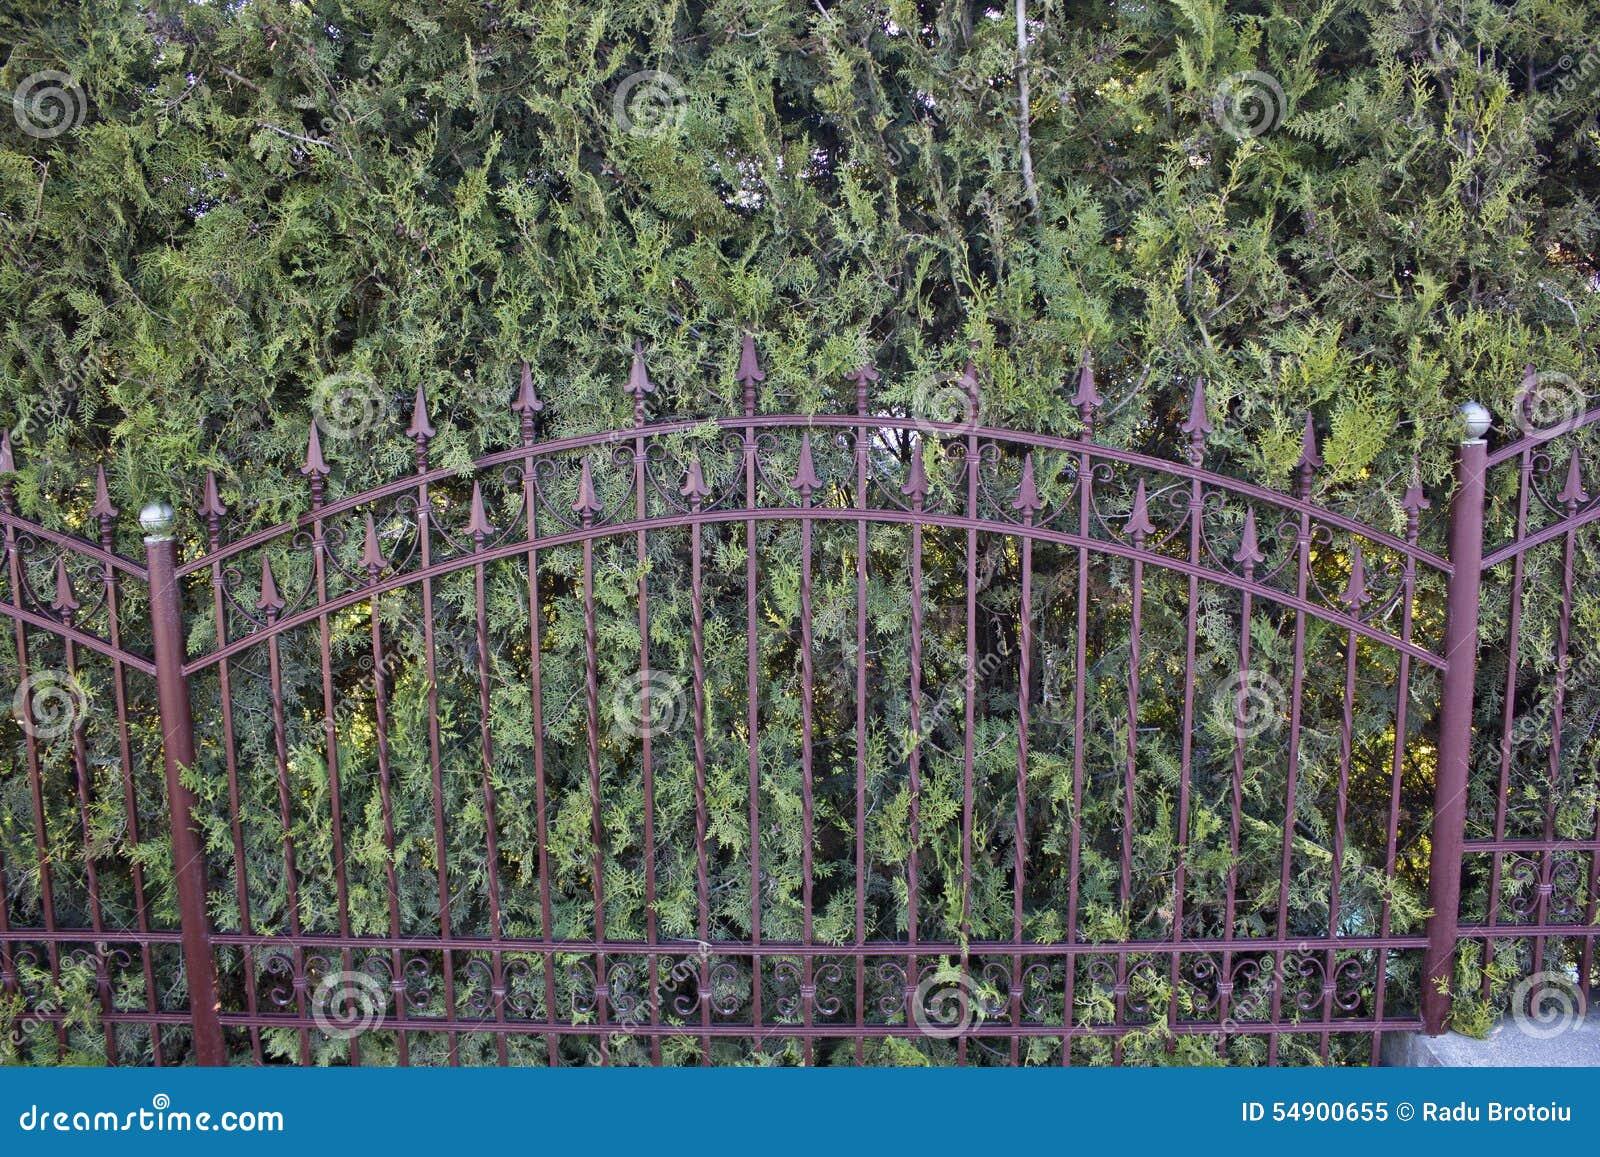 Eisen Zaun und Thuja stockbild Bild von grün zaun dekorativ